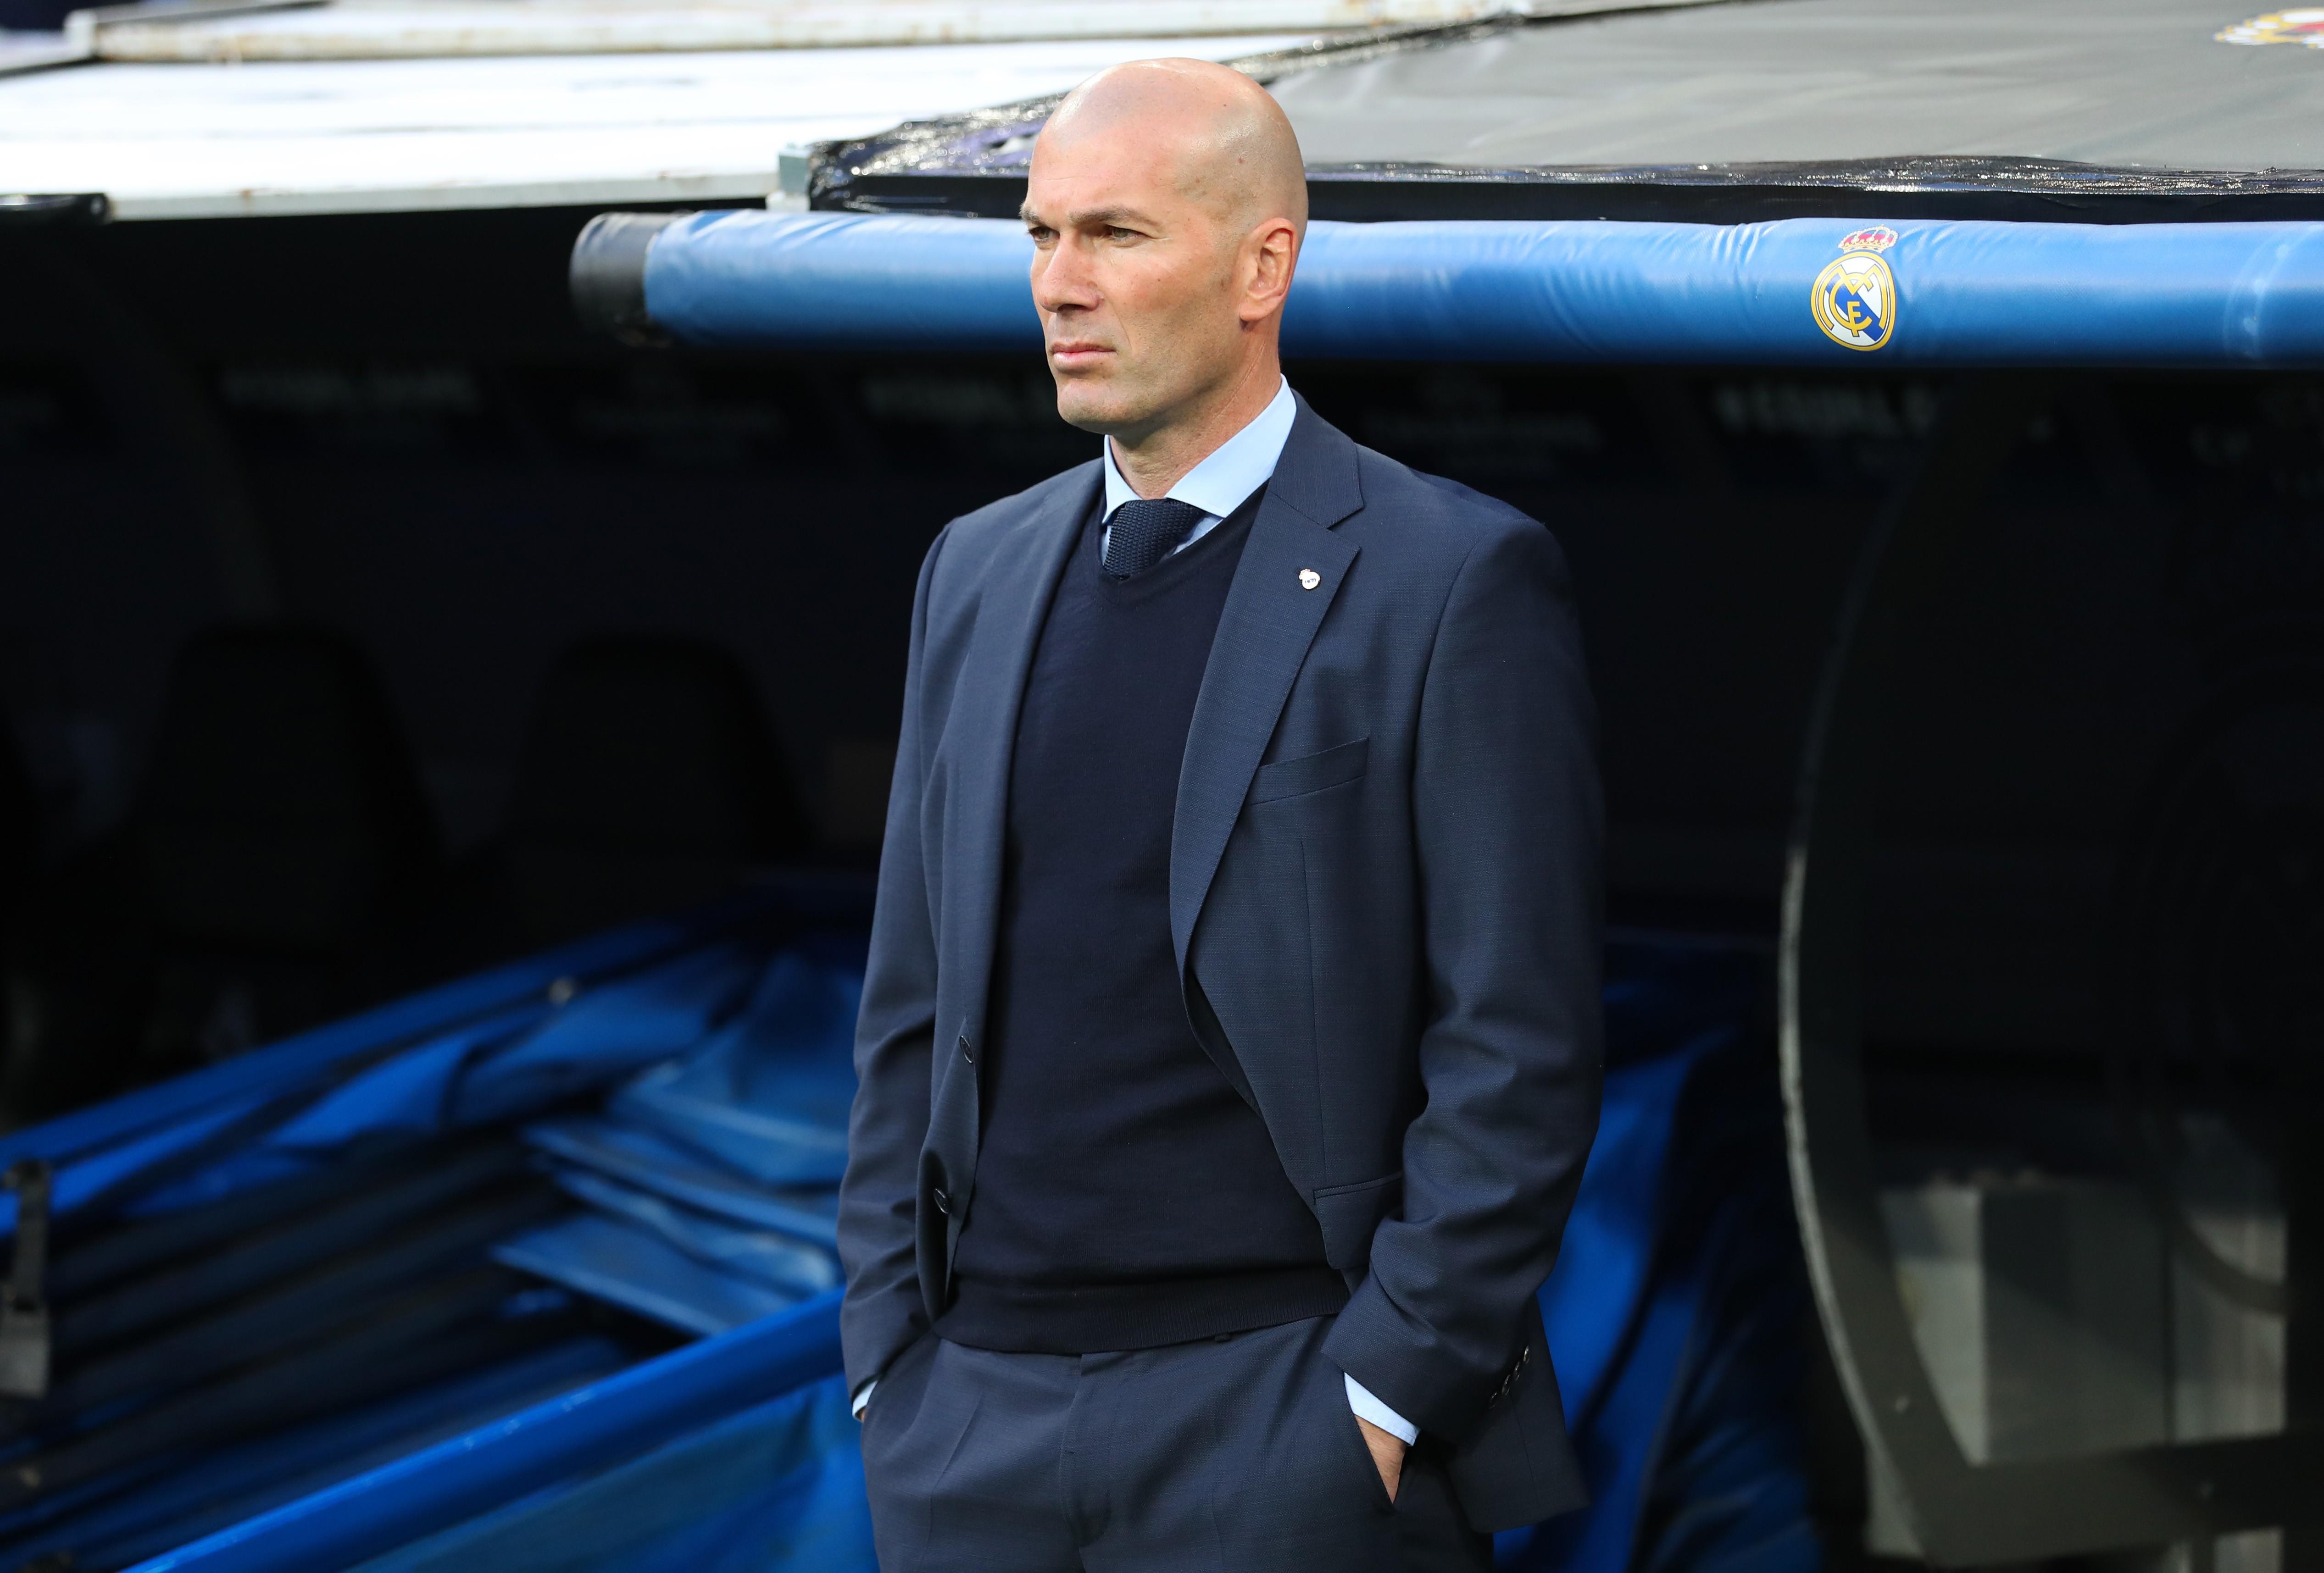 Zidane à beira do campo: costumes escuros, camisas claras e gravatas (Foto: Getty Images / Catherine Ivil)